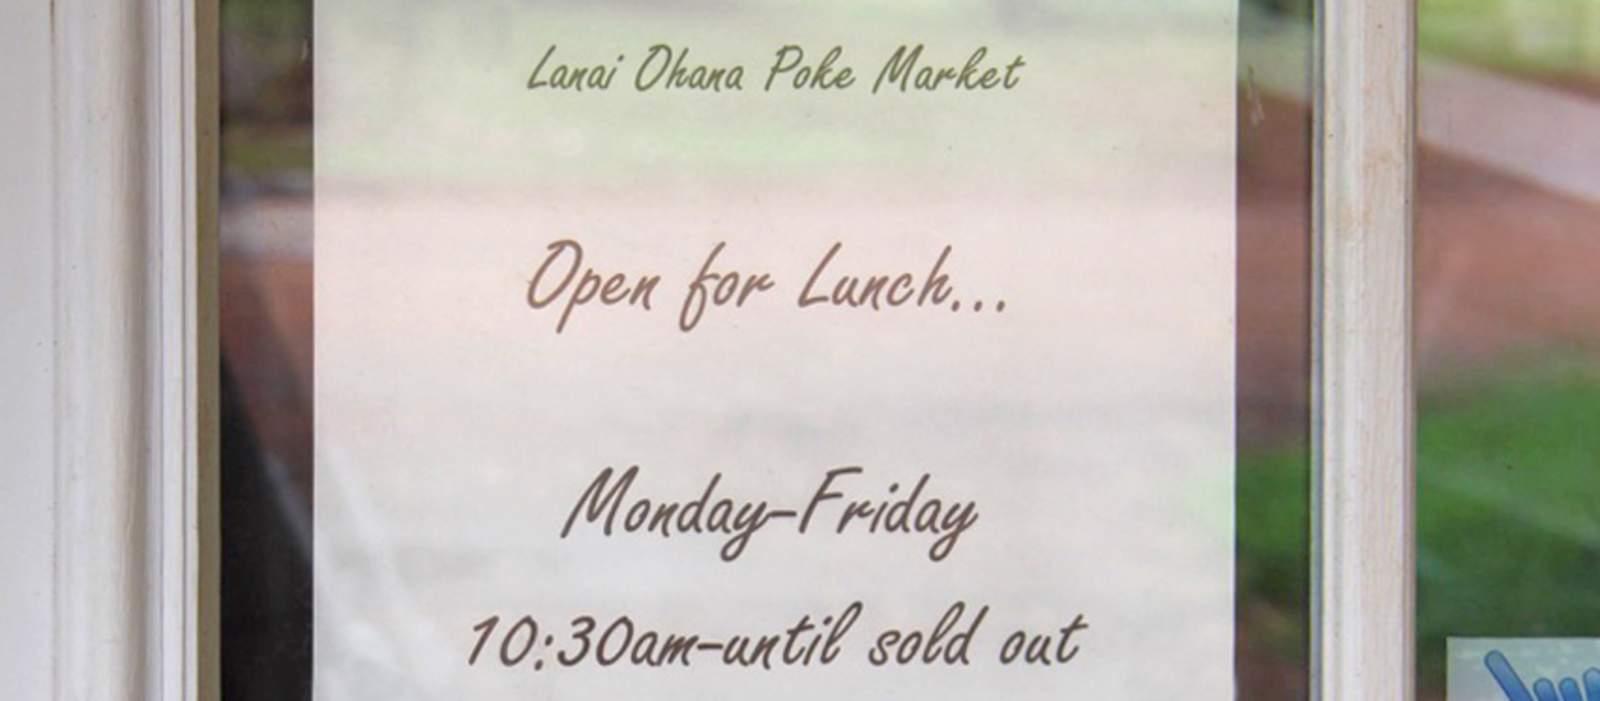 Öffnungszeiten des Lanai Ohana Poke Market